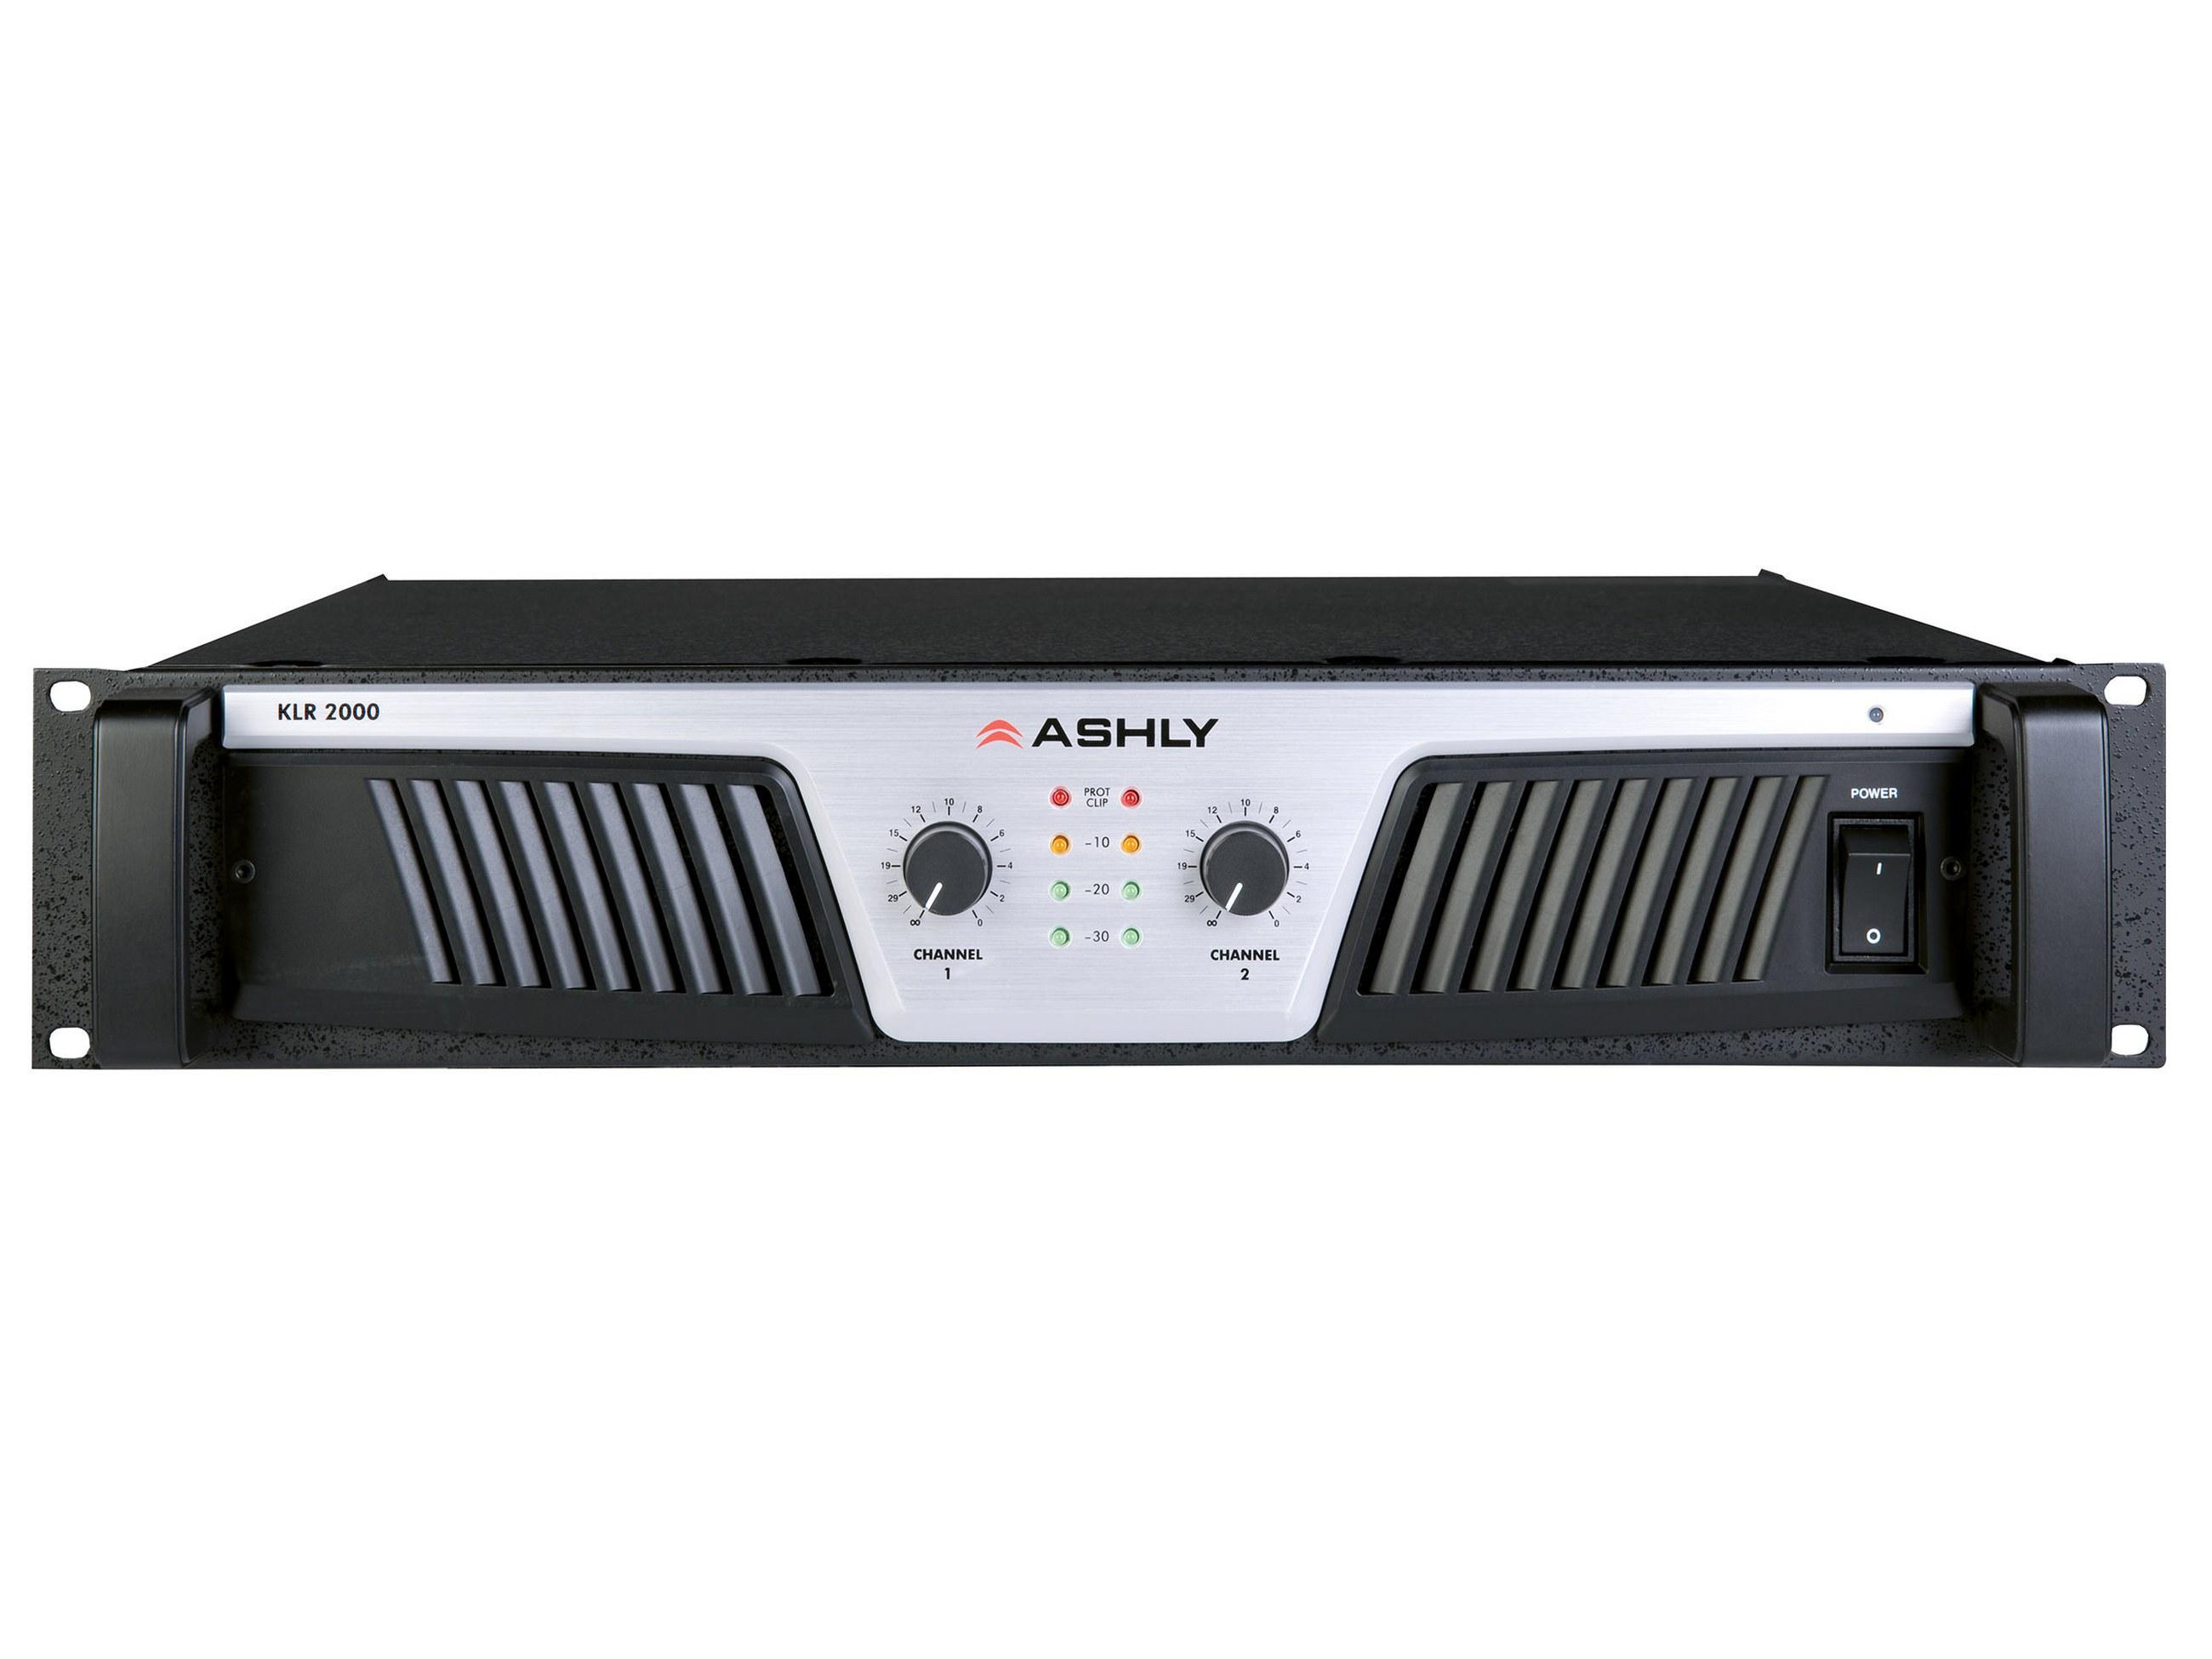 Ashly Klr 2000 Power Amplifier 2 X 1000w 2600w 4350w 8 Ohms 600w Audio